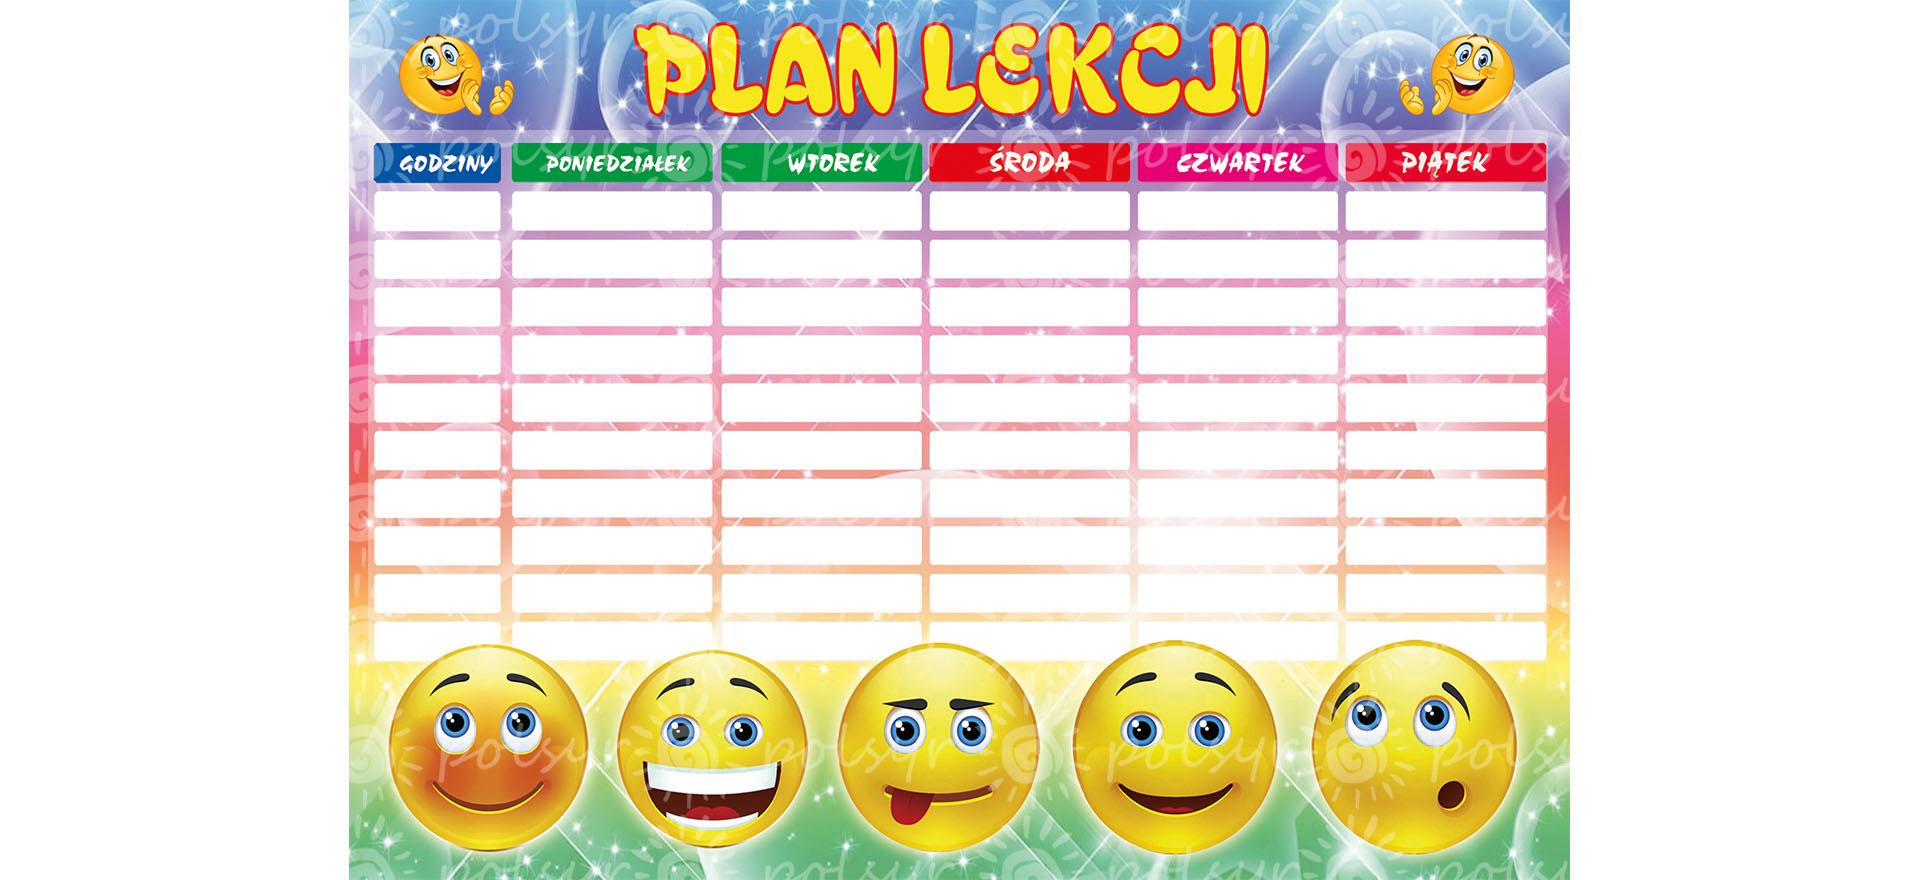 plan-lekcji-A5-polsyr-8